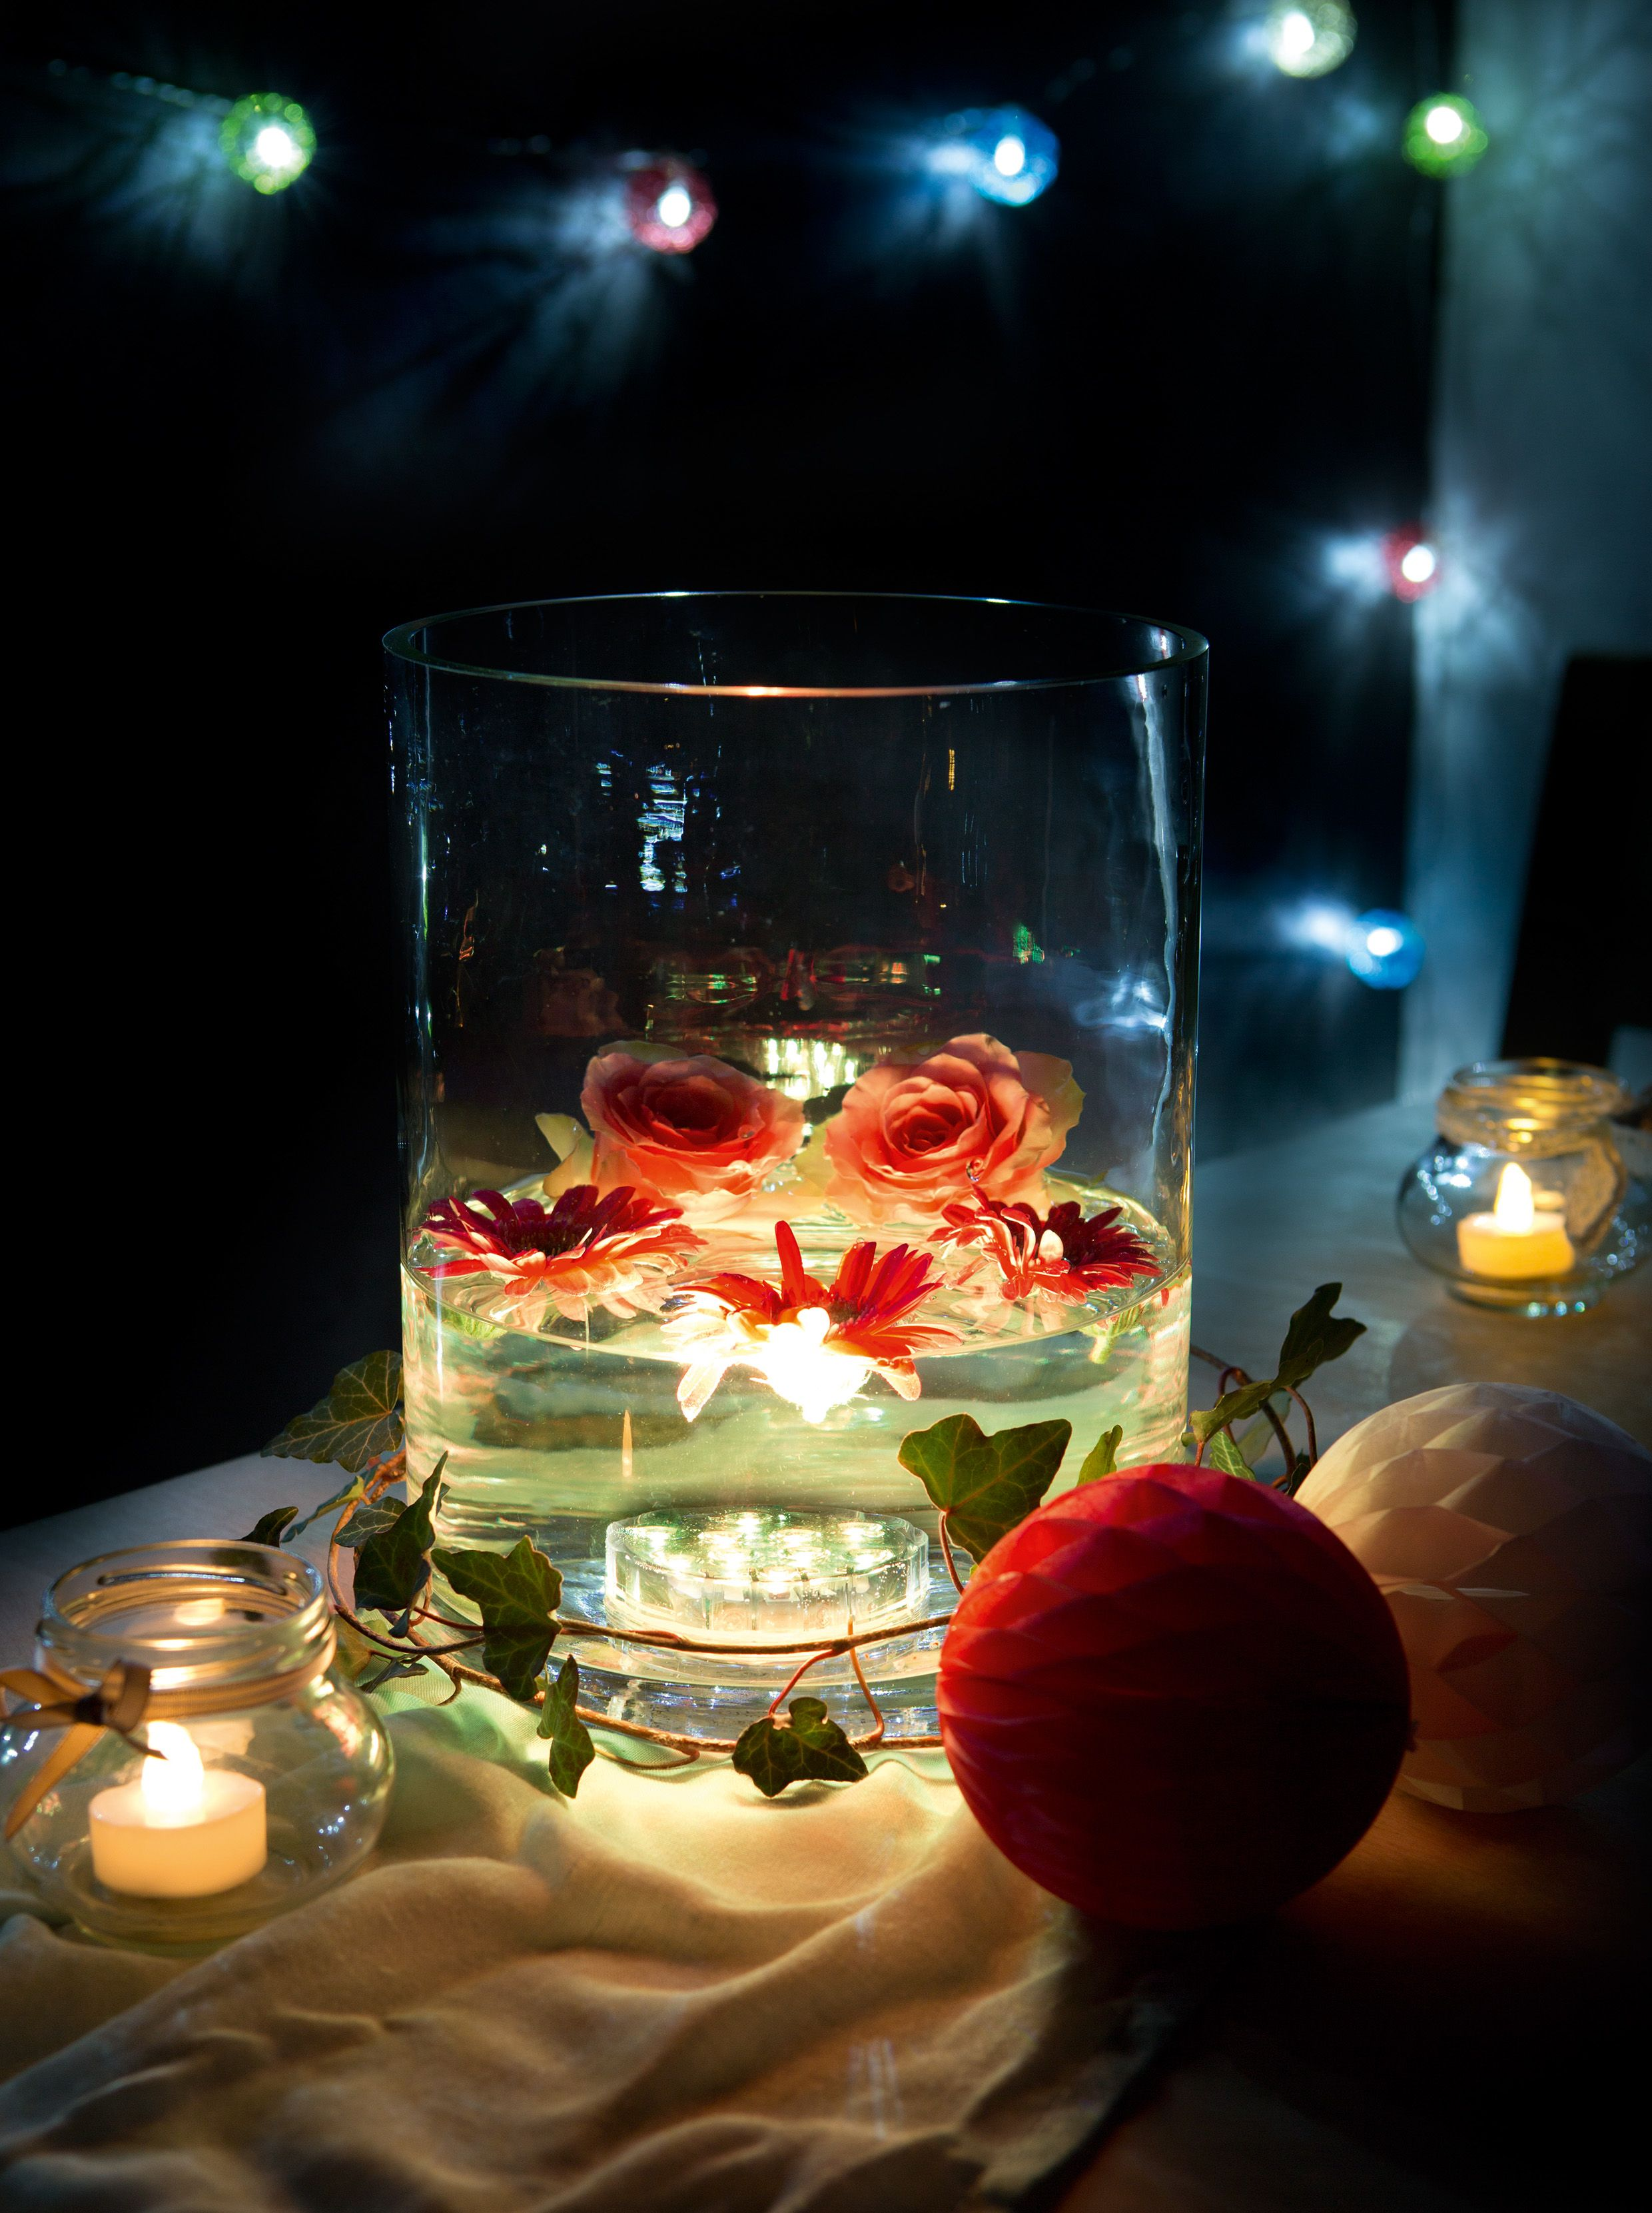 Die Hellum Led Unterwasser Deko Beleuchtung Glanzt Mit 21 Stimmungsvollen Farben Fur Jede Stimmung Das Richtige Licht D Weihnachtsdeko Beleuchtung Led Deko